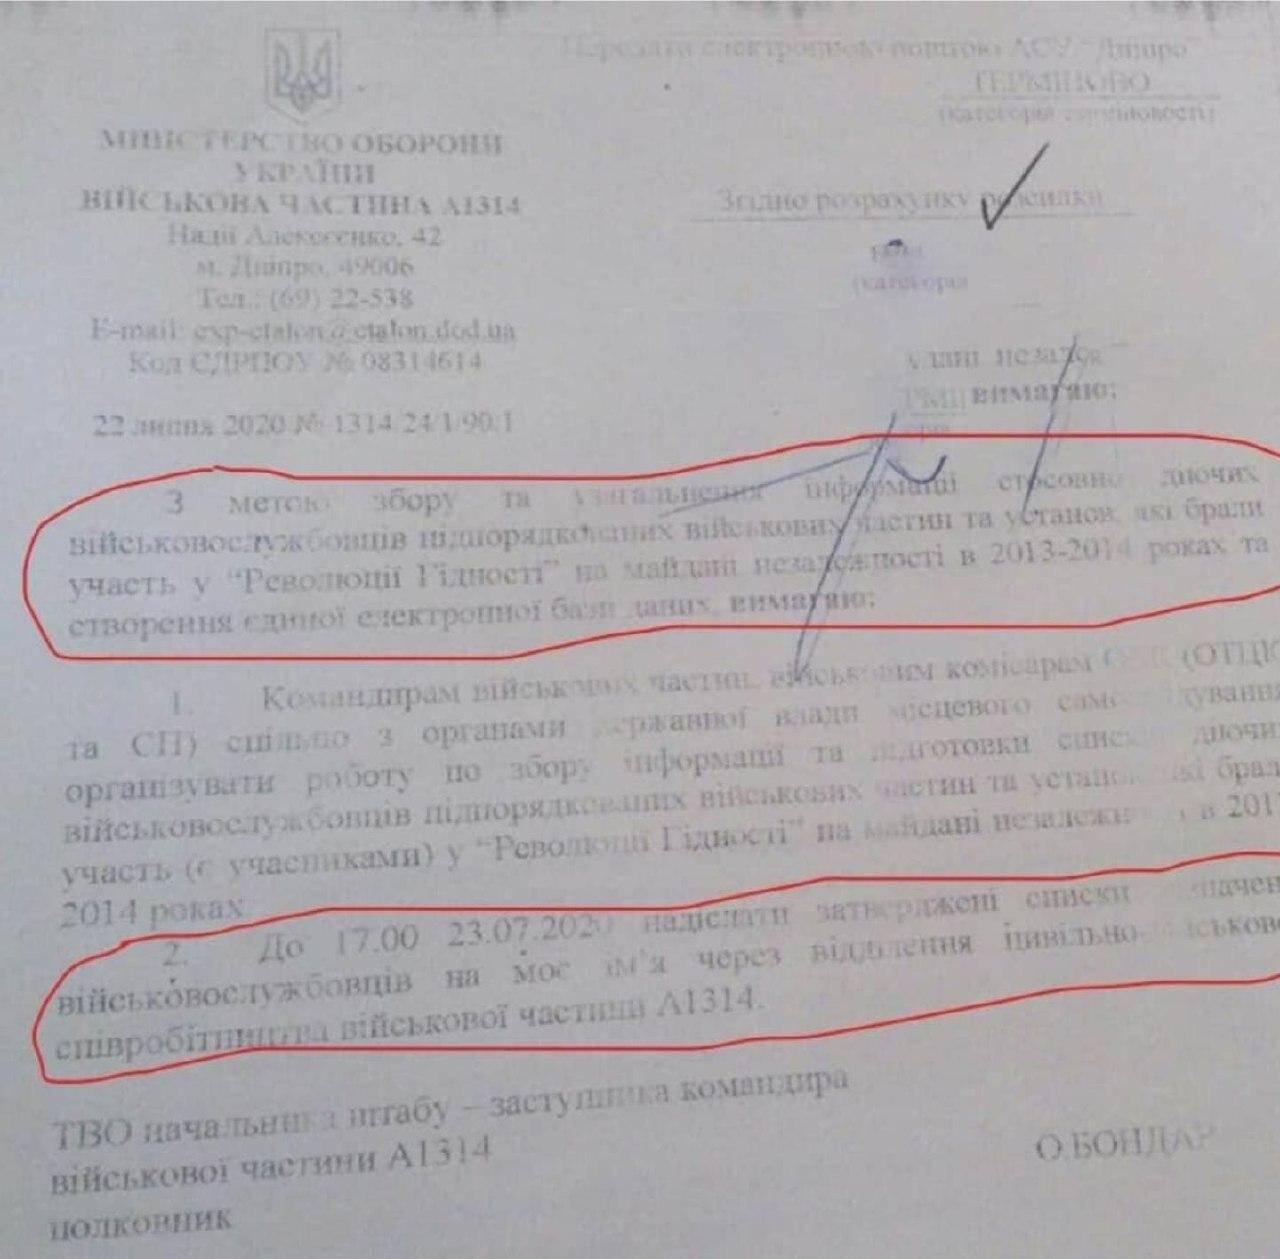 Розпорядження від командування військової частини А1314 (м. Дніпро)